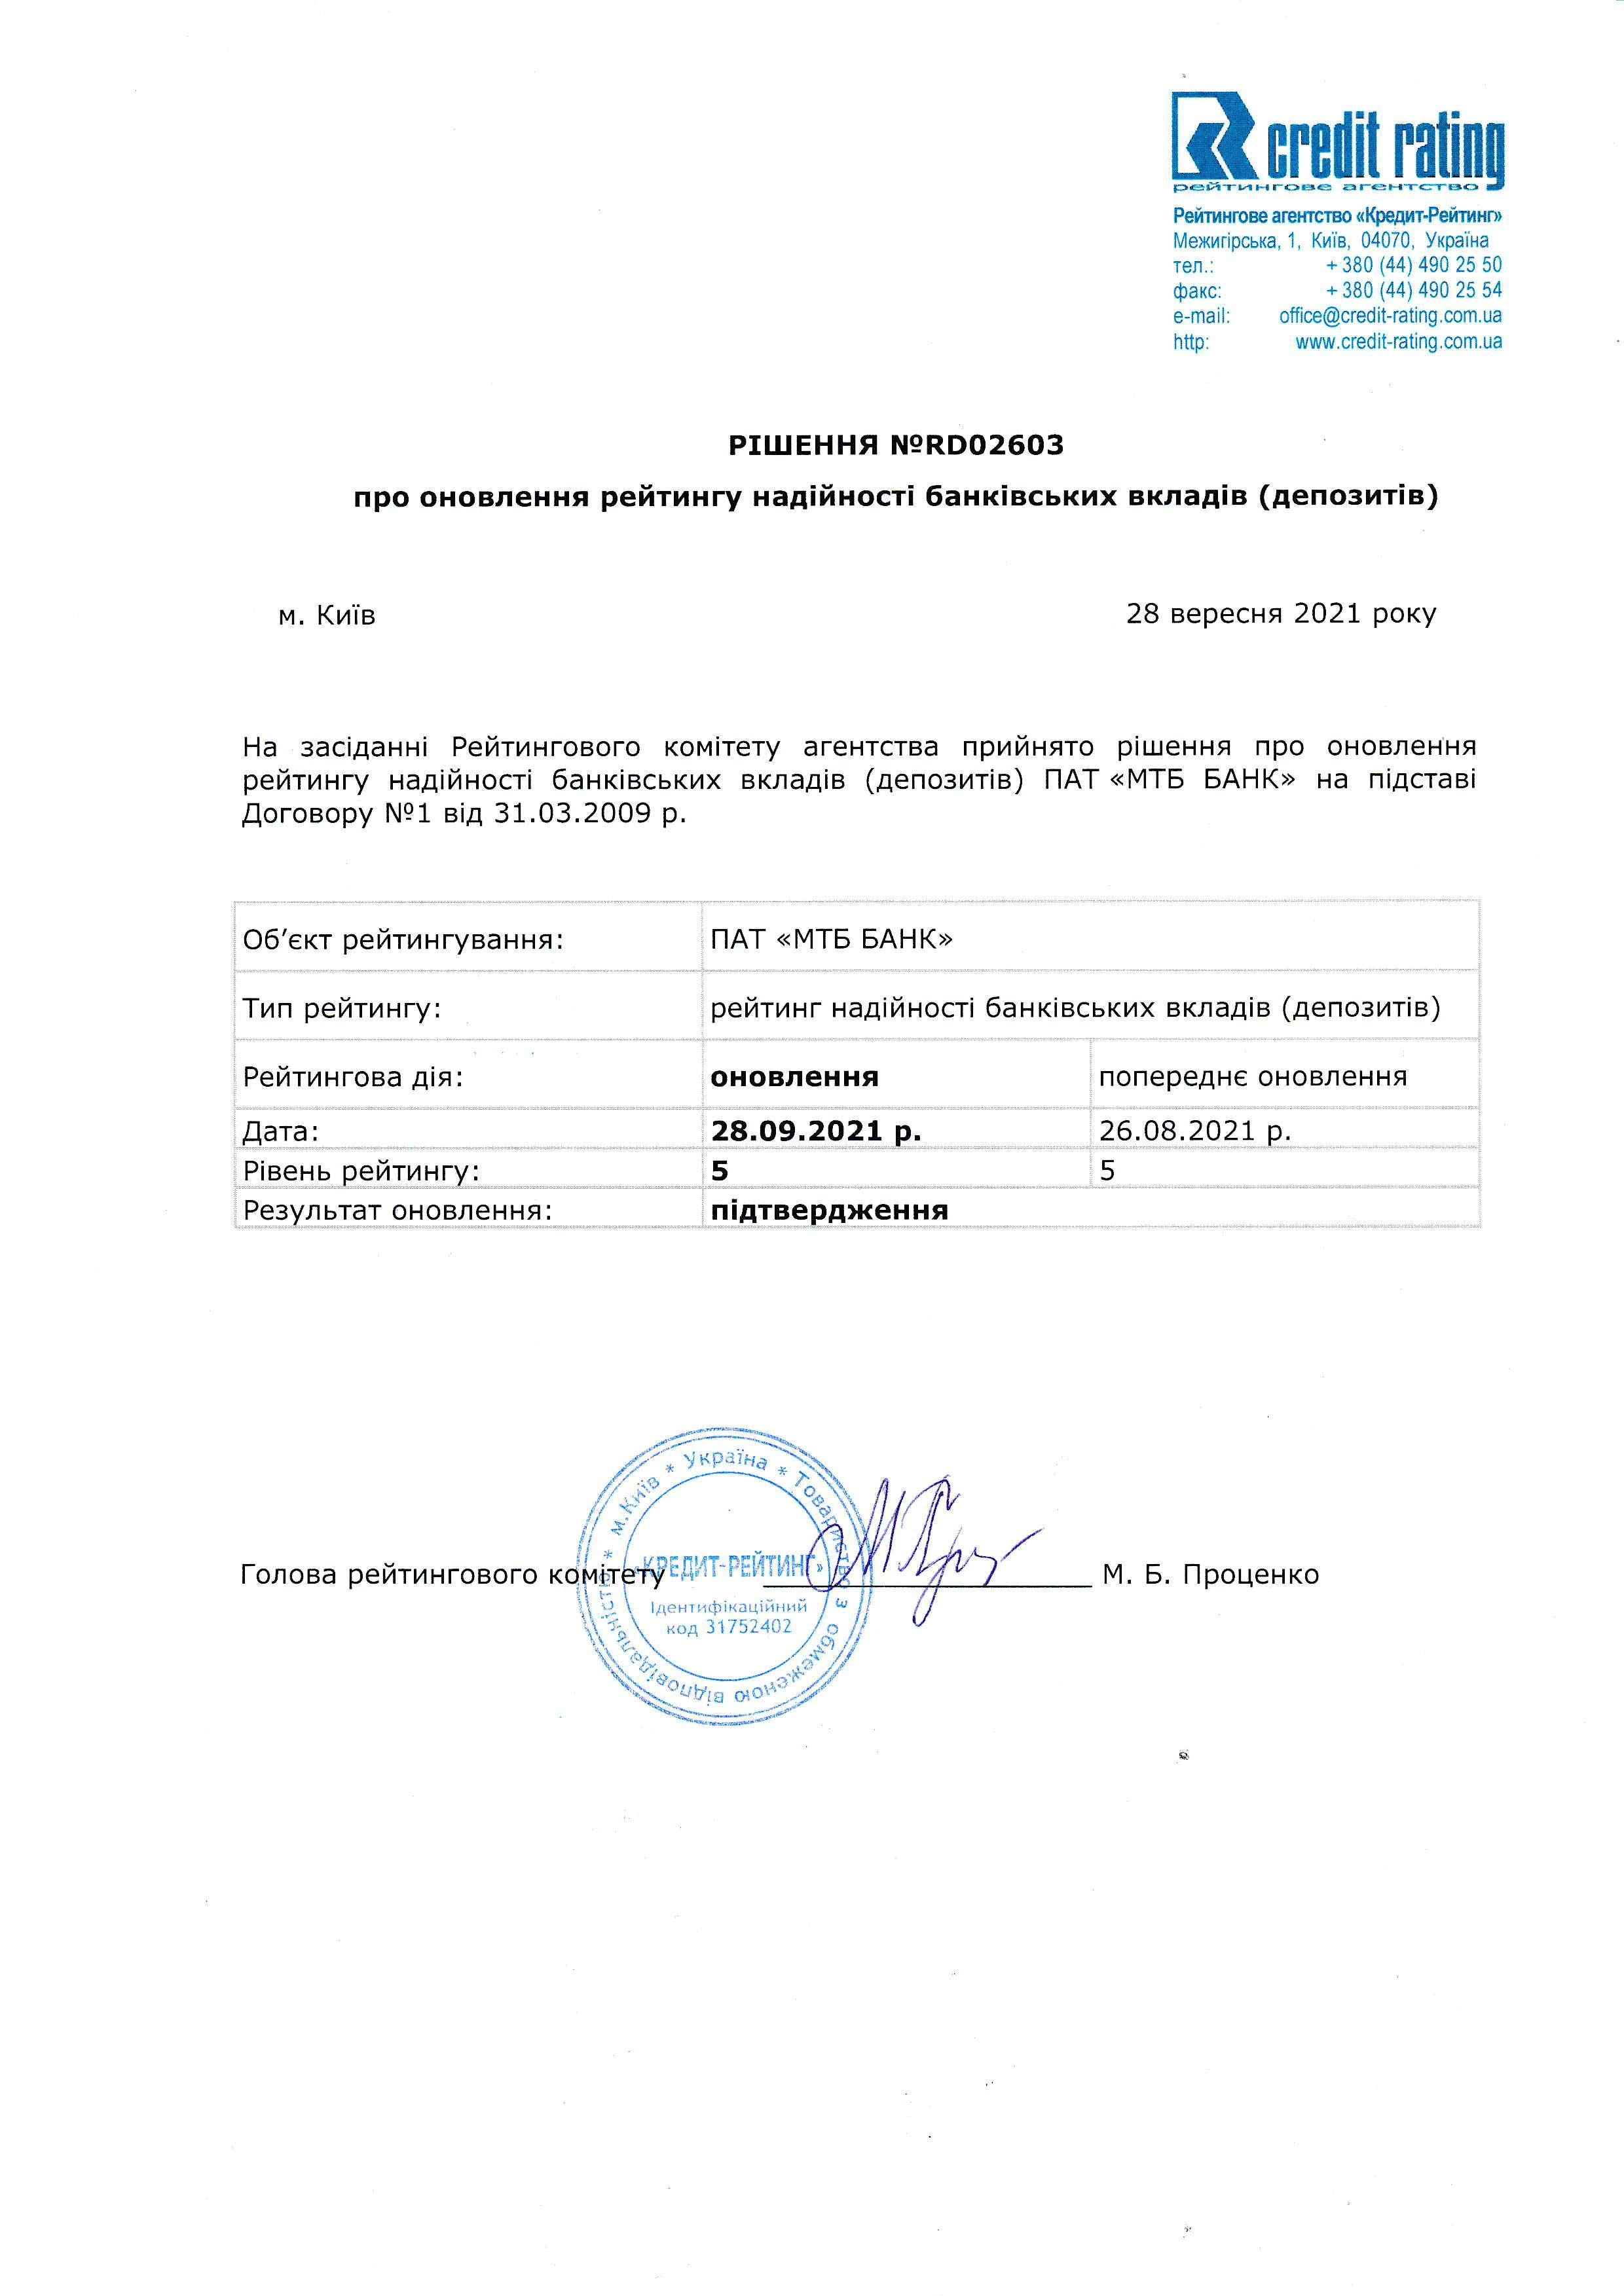 Рейтинг депозитів - фото 2 - mtb.ua